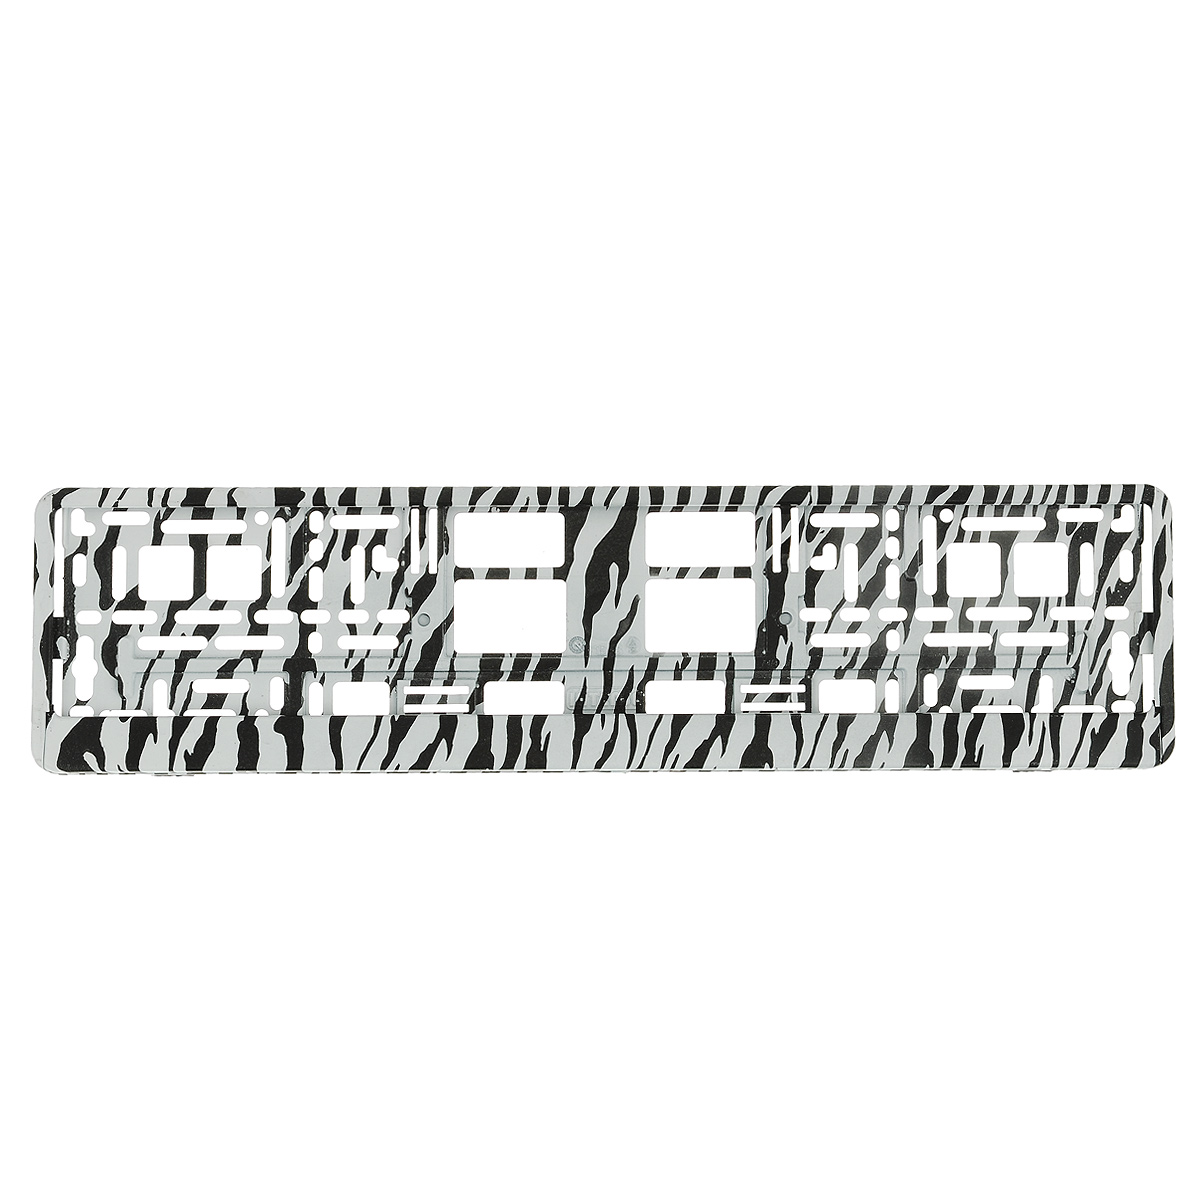 Рамка под номер ЗебраЗ0000014145Рамка Зебра не только закрепит регистрационный знак на вашем автомобиле, но и красиво его оформит. Основание рамки выполнено из полипропилена, материал лицевой панели - пластик.Она предназначена для крепления регистрационного знака российского и европейского образца, декорирована принтом. Устанавливается на все типы автомобилей. Крепления в комплект не входят.Стильный дизайн идеально впишется в экстерьер вашего автомобиля.Размер рамки: 53,5 см х 13,5 см. Размер регистрационного знака: 52,5 см х 11,5 см.